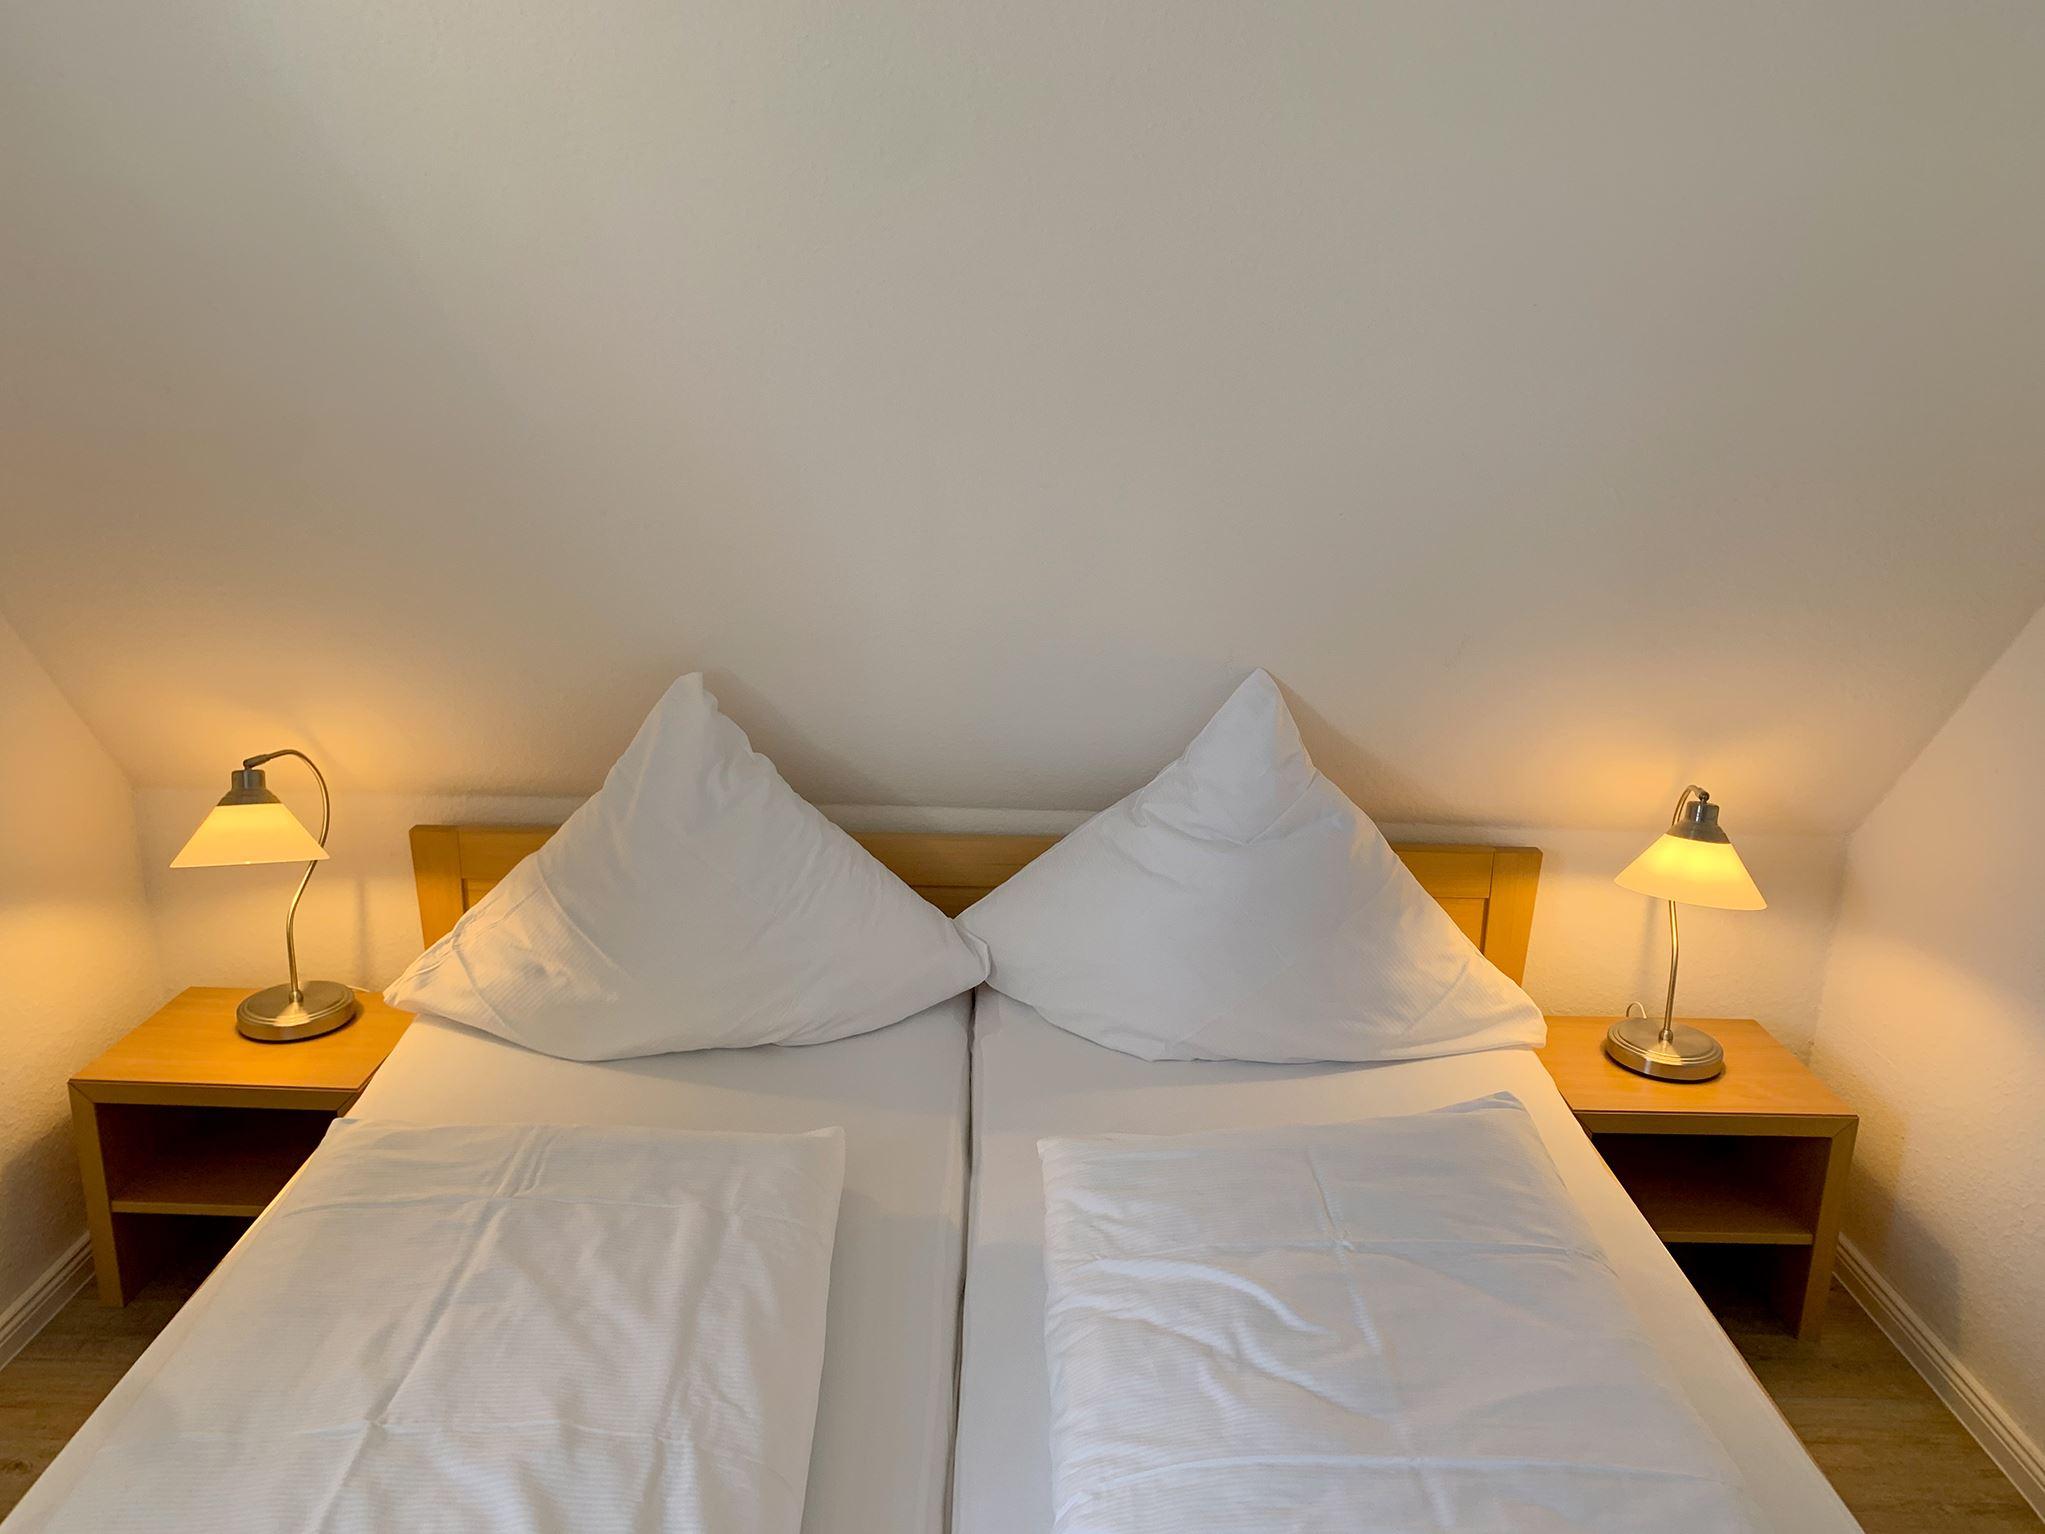 Gemütliches 2-3 Personen Ferienappartement in St. Peter-Ording mit Loggia in Strandnähe mit Blick auf den Ordinger Deich Luna IV Nr.35